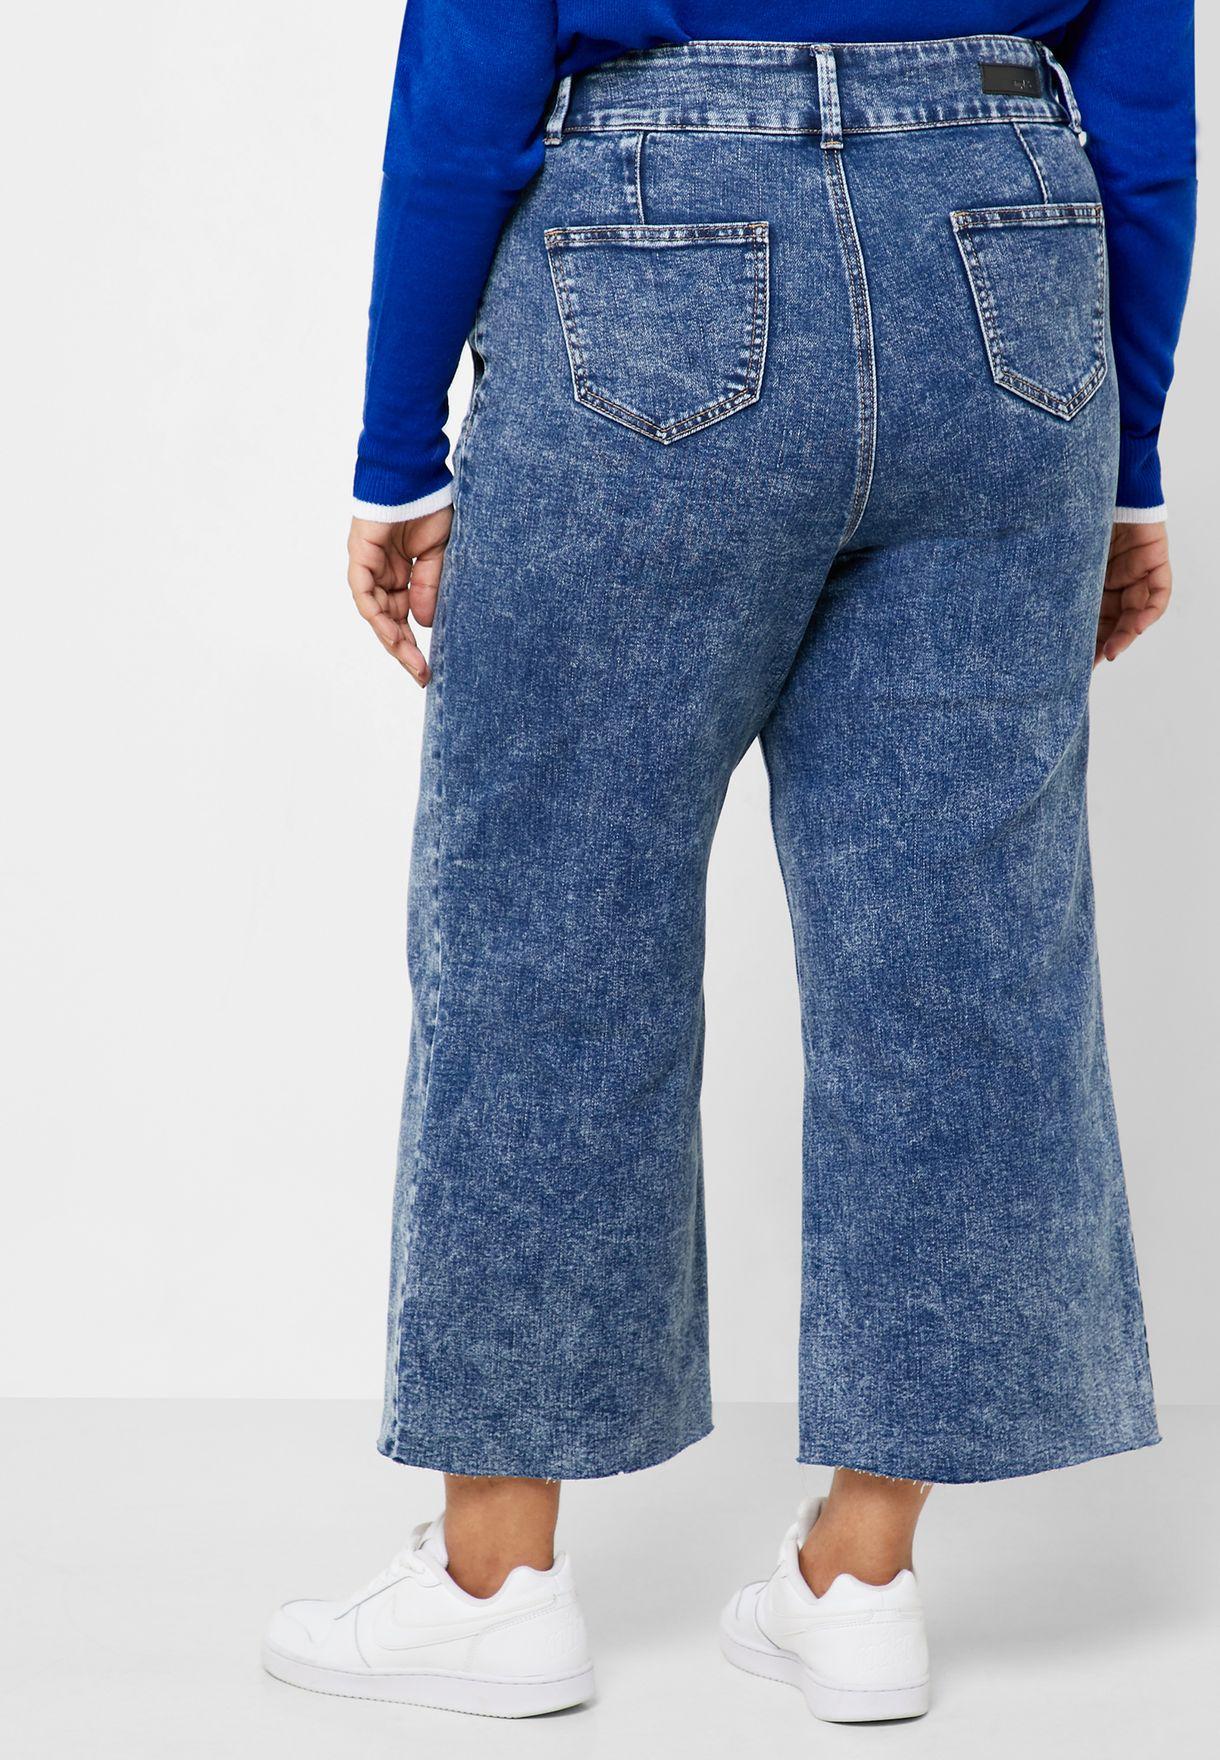 جينز بخصر عالي و ارجل واسعة